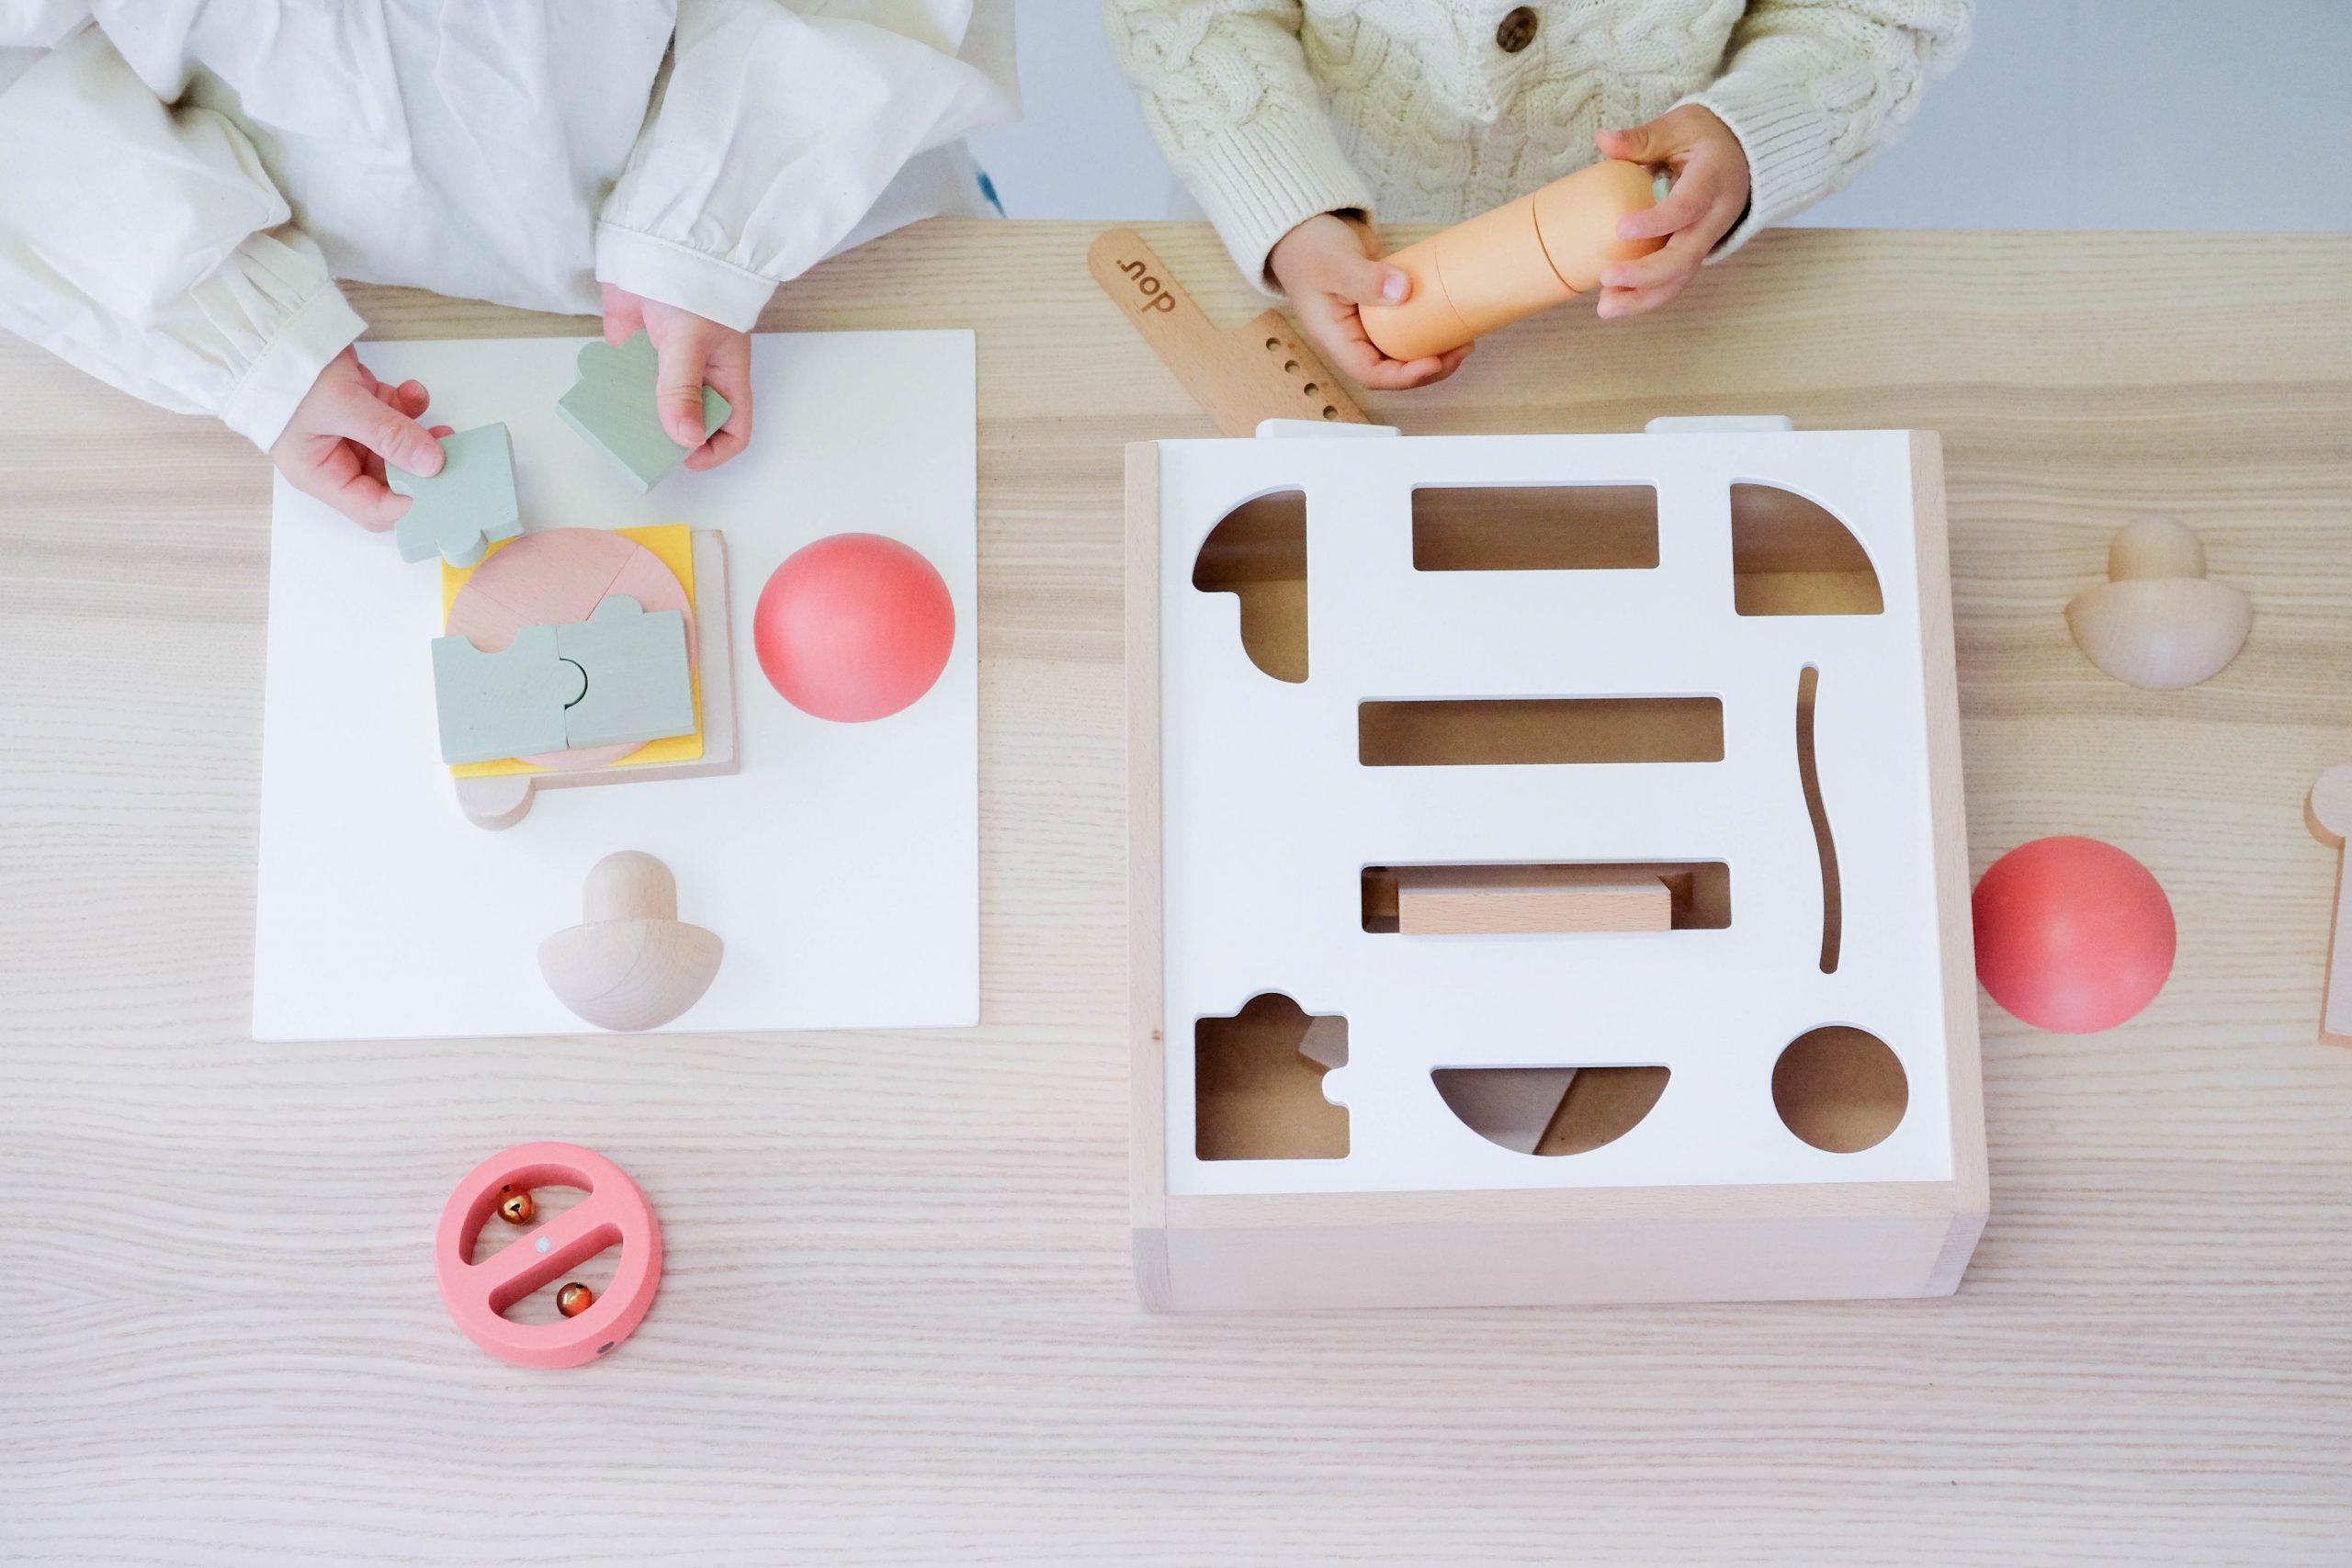 赤ちゃん ベビー 新生児 お祝い 出産祝い dou? 木製 おもちゃ